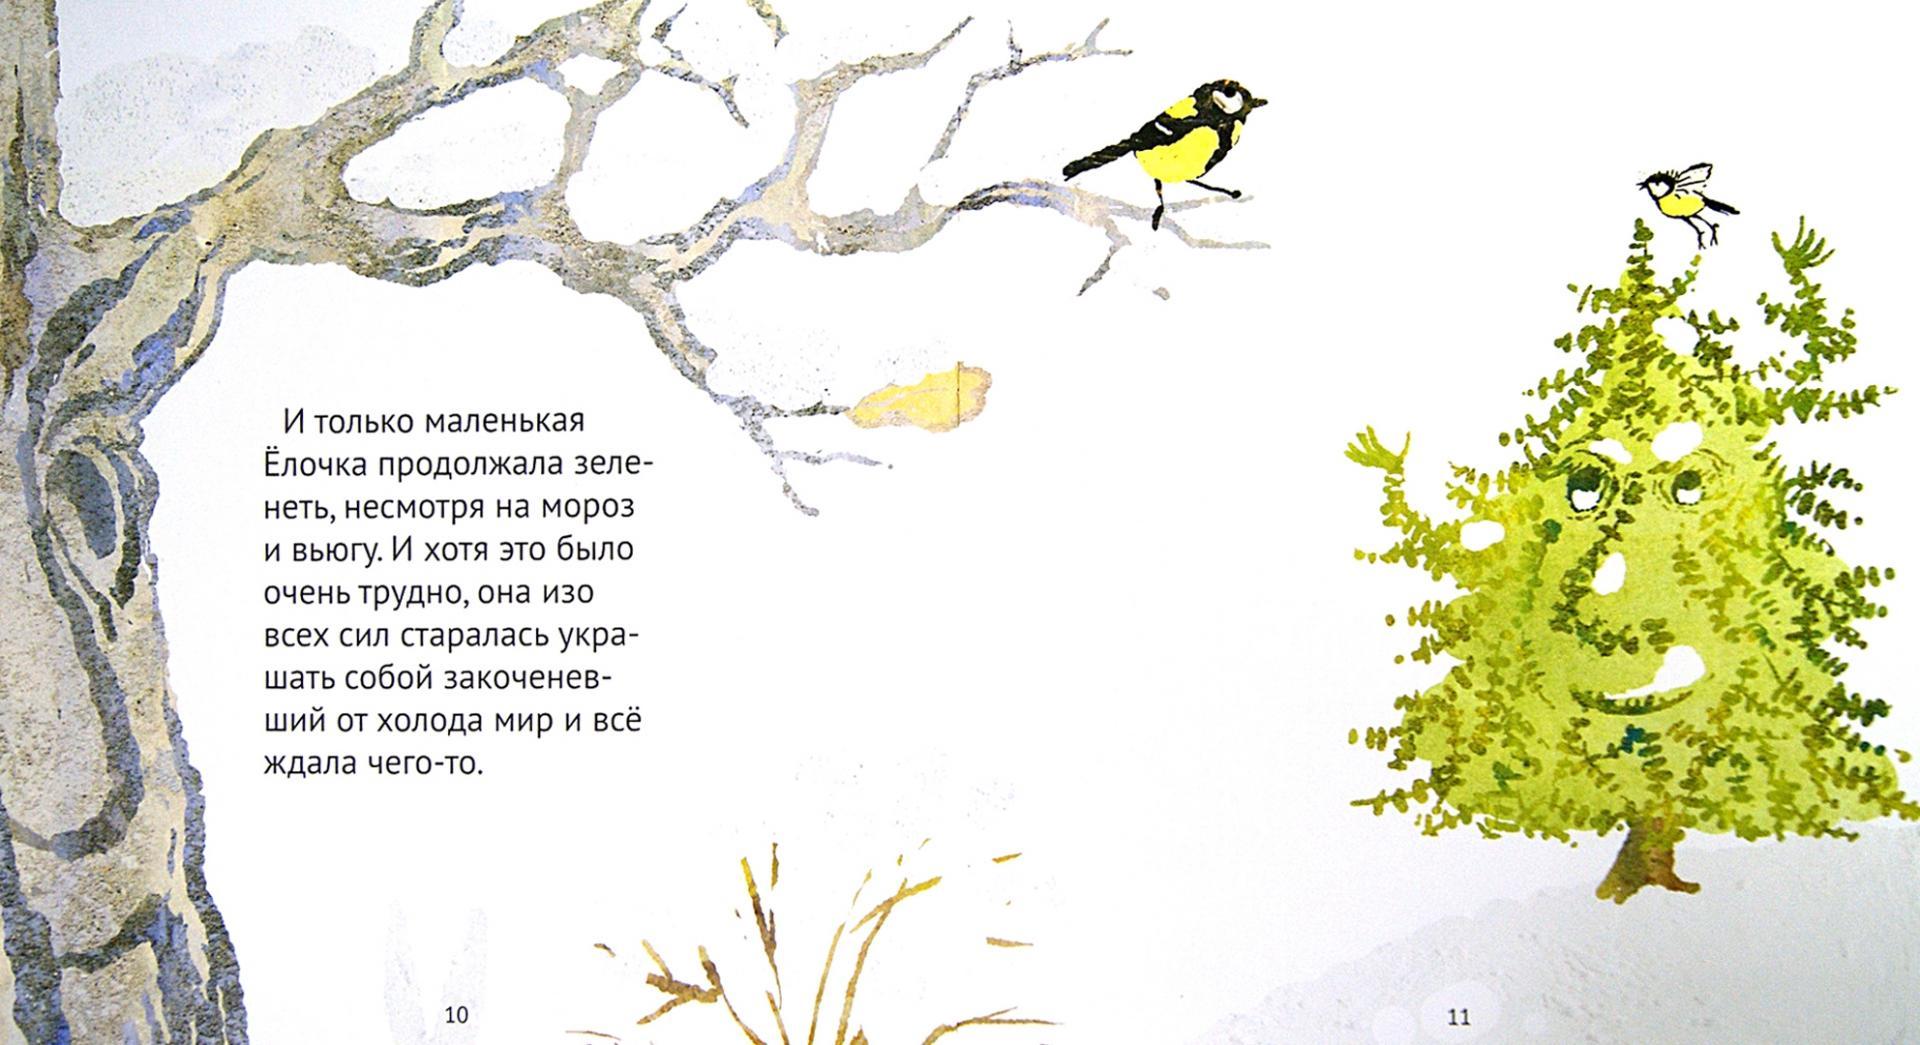 Иллюстрация 1 из 18 для Сказка о маленькой Ёлочке - Марина Аромштам | Лабиринт - книги. Источник: Лабиринт